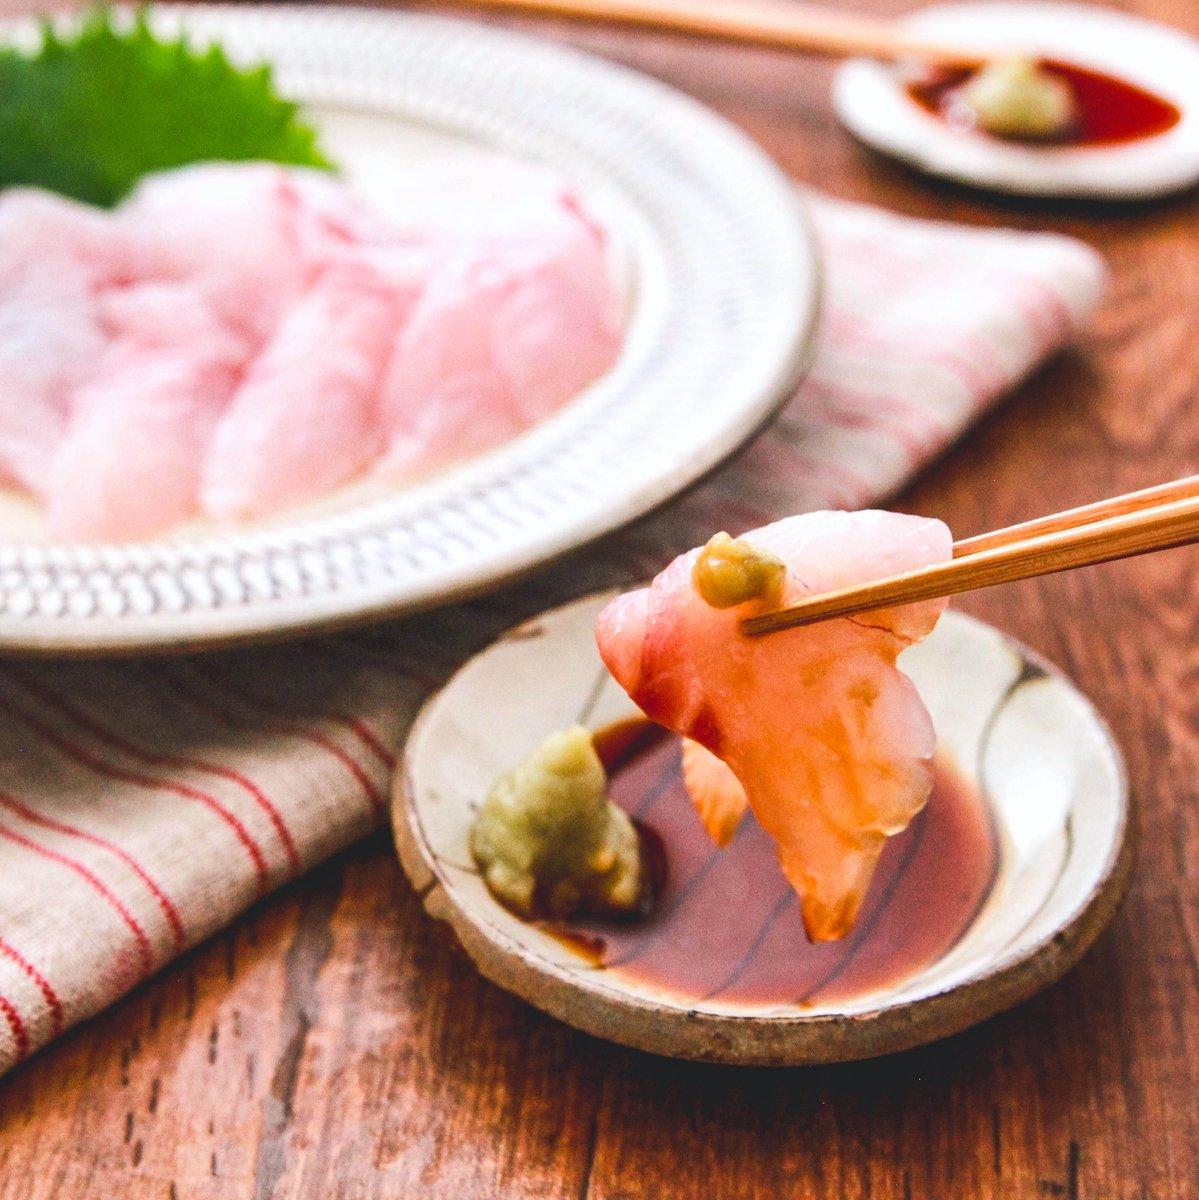 ほんの一手間でお刺身が昆布締めのような味わいに?!おつまみにも最高という、お刺身の食べ方!